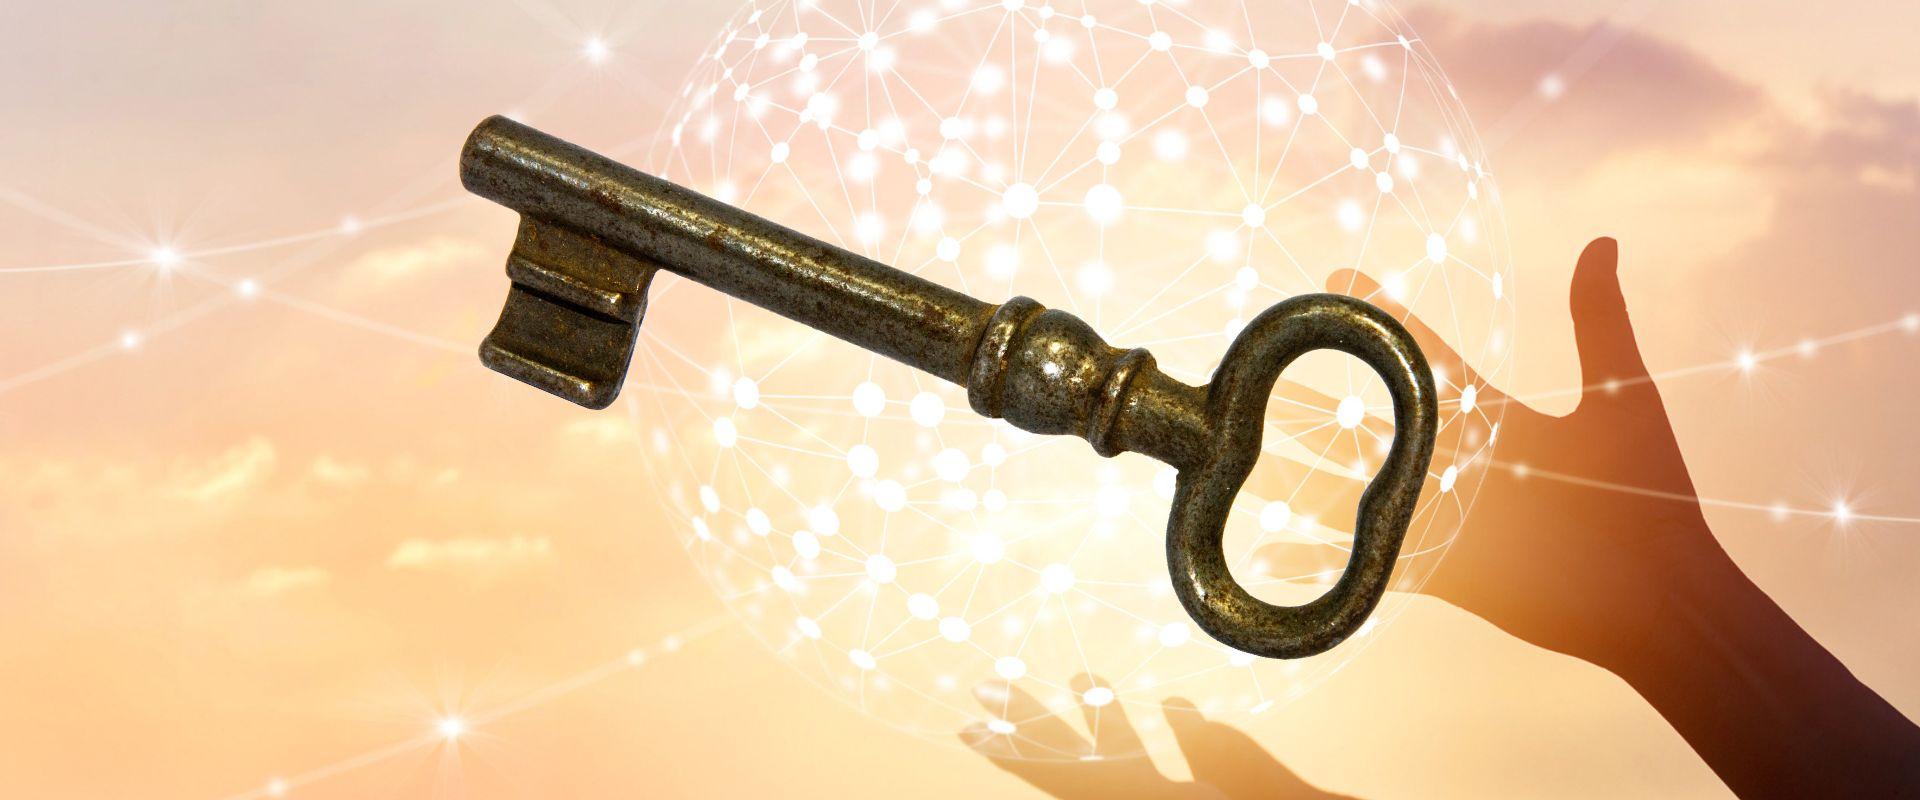 Mut ist der Schlüssel 1920x800